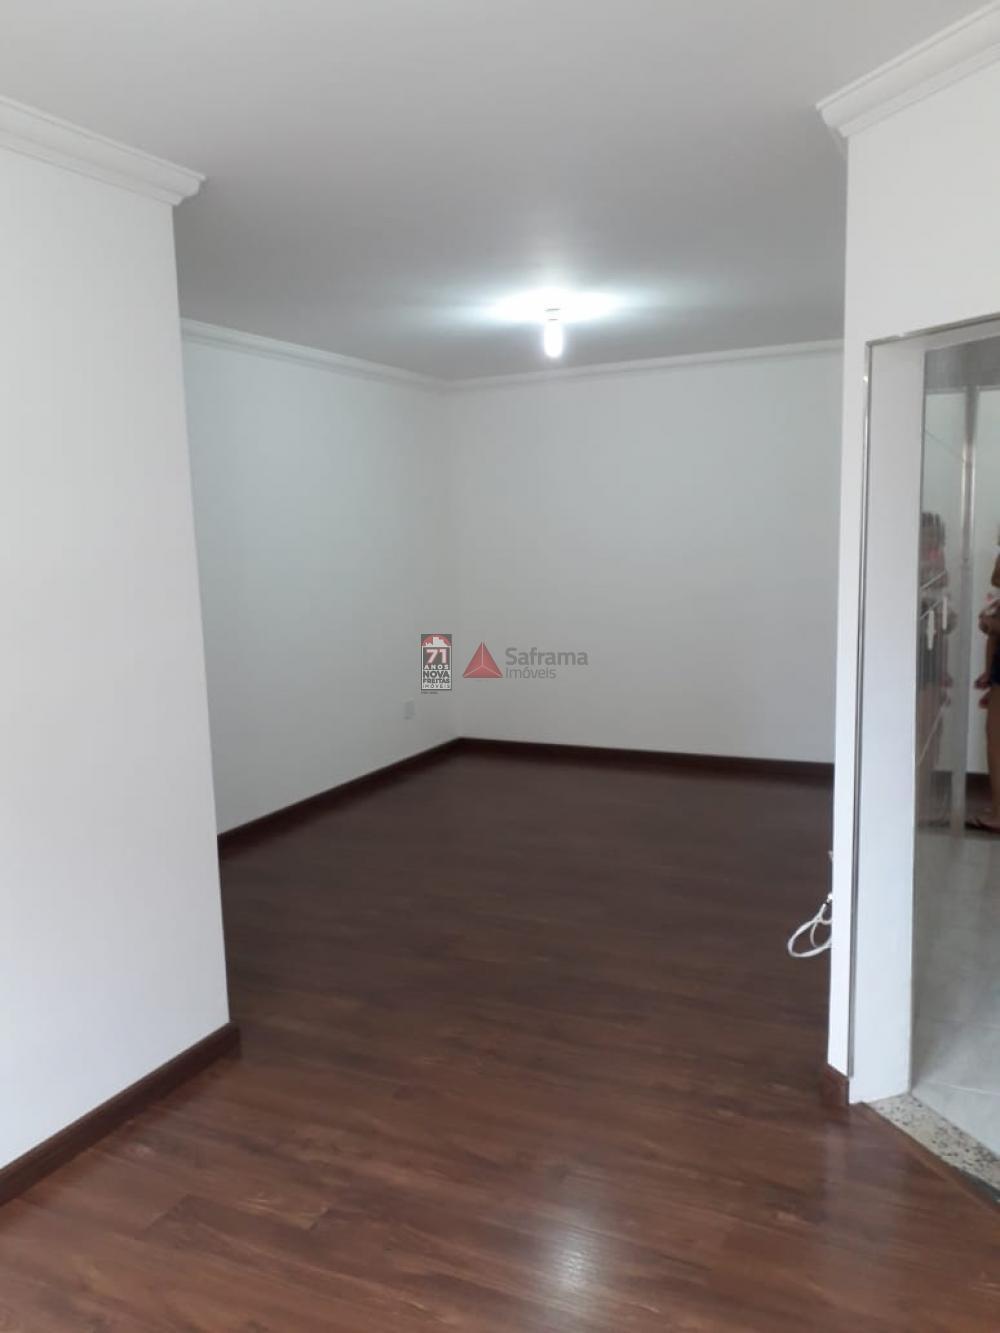 Comprar Apartamento / Padrão em São José dos Campos apenas R$ 330.000,00 - Foto 3